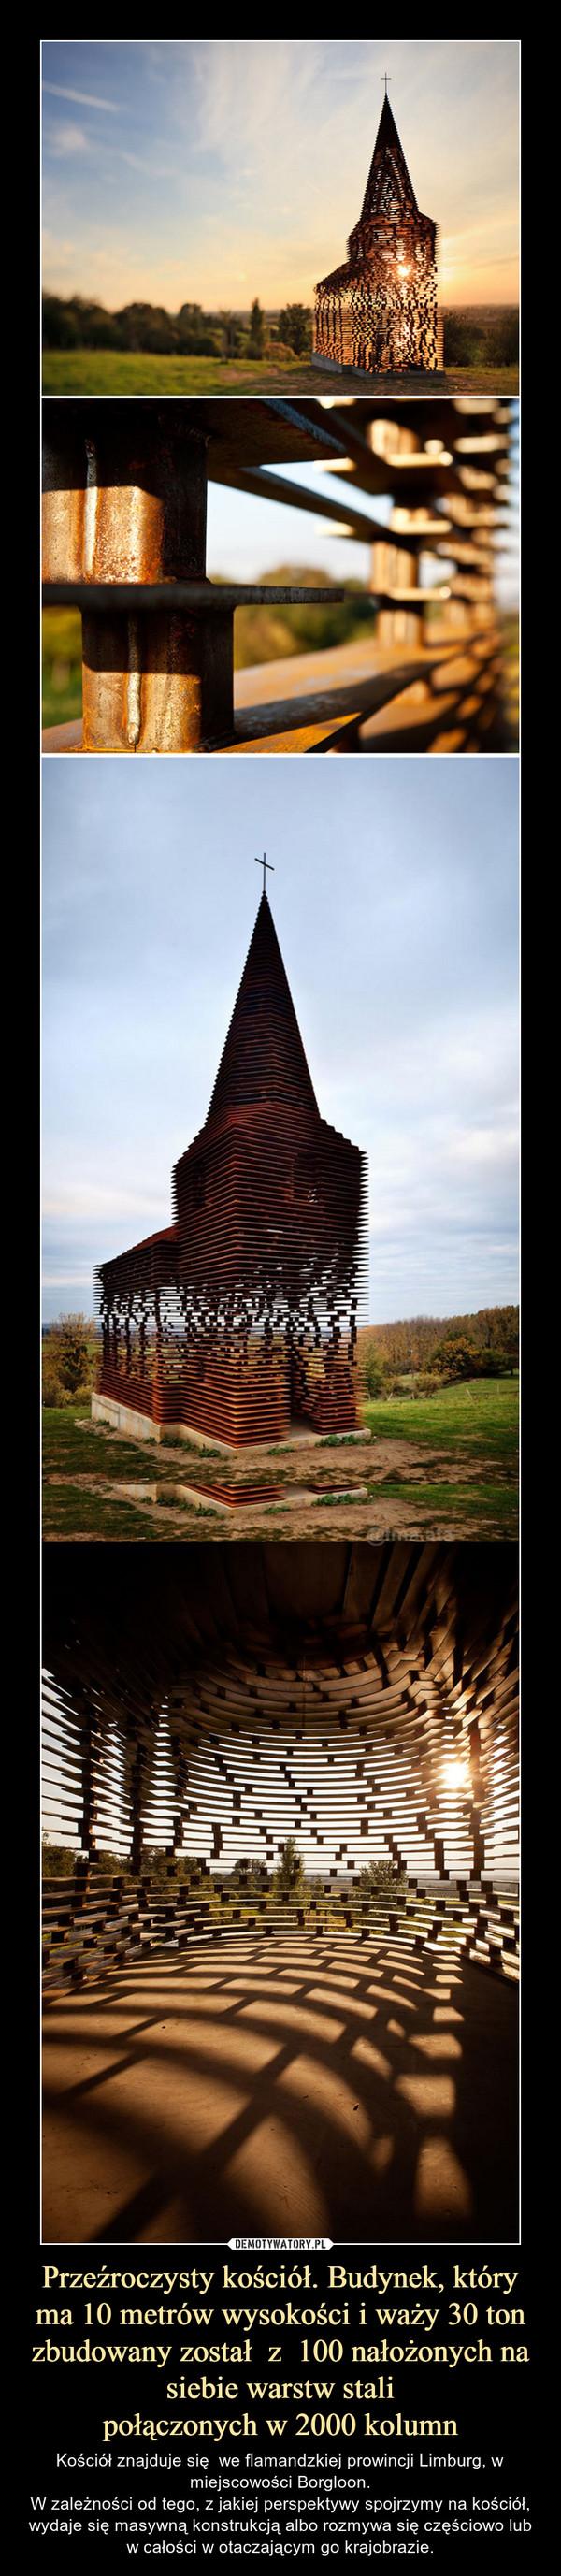 Przeźroczysty kościół. Budynek, który ma 10 metrów wysokości i waży 30 ton zbudowany został  z  100 nałożonych na siebie warstw stalipołączonych w 2000 kolumn – Kościół znajduje się  we flamandzkiej prowincji Limburg, w miejscowości Borgloon.W zależności od tego, z jakiej perspektywy spojrzymy na kościół, wydaje się masywną konstrukcją albo rozmywa się częściowo lub w całości w otaczającym go krajobrazie.